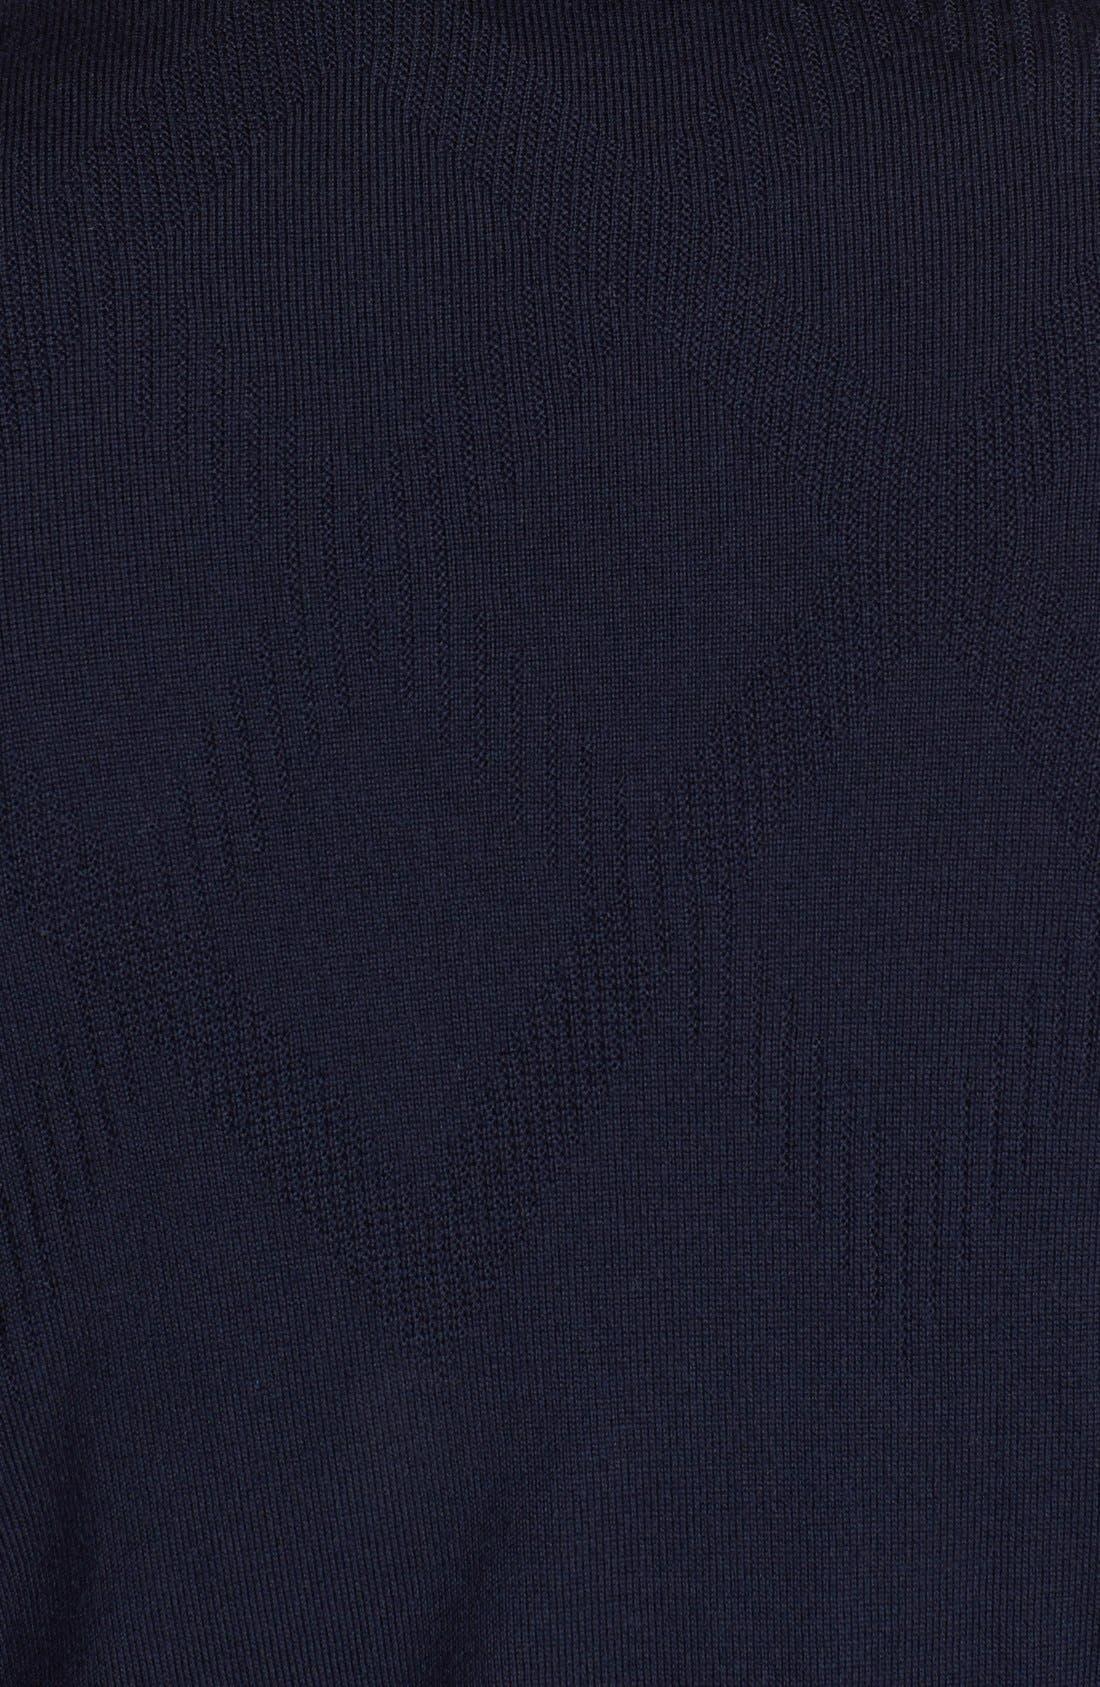 Alternate Image 3  - BOSS HUGO BOSS 'Miles' Merino Wool Sweater